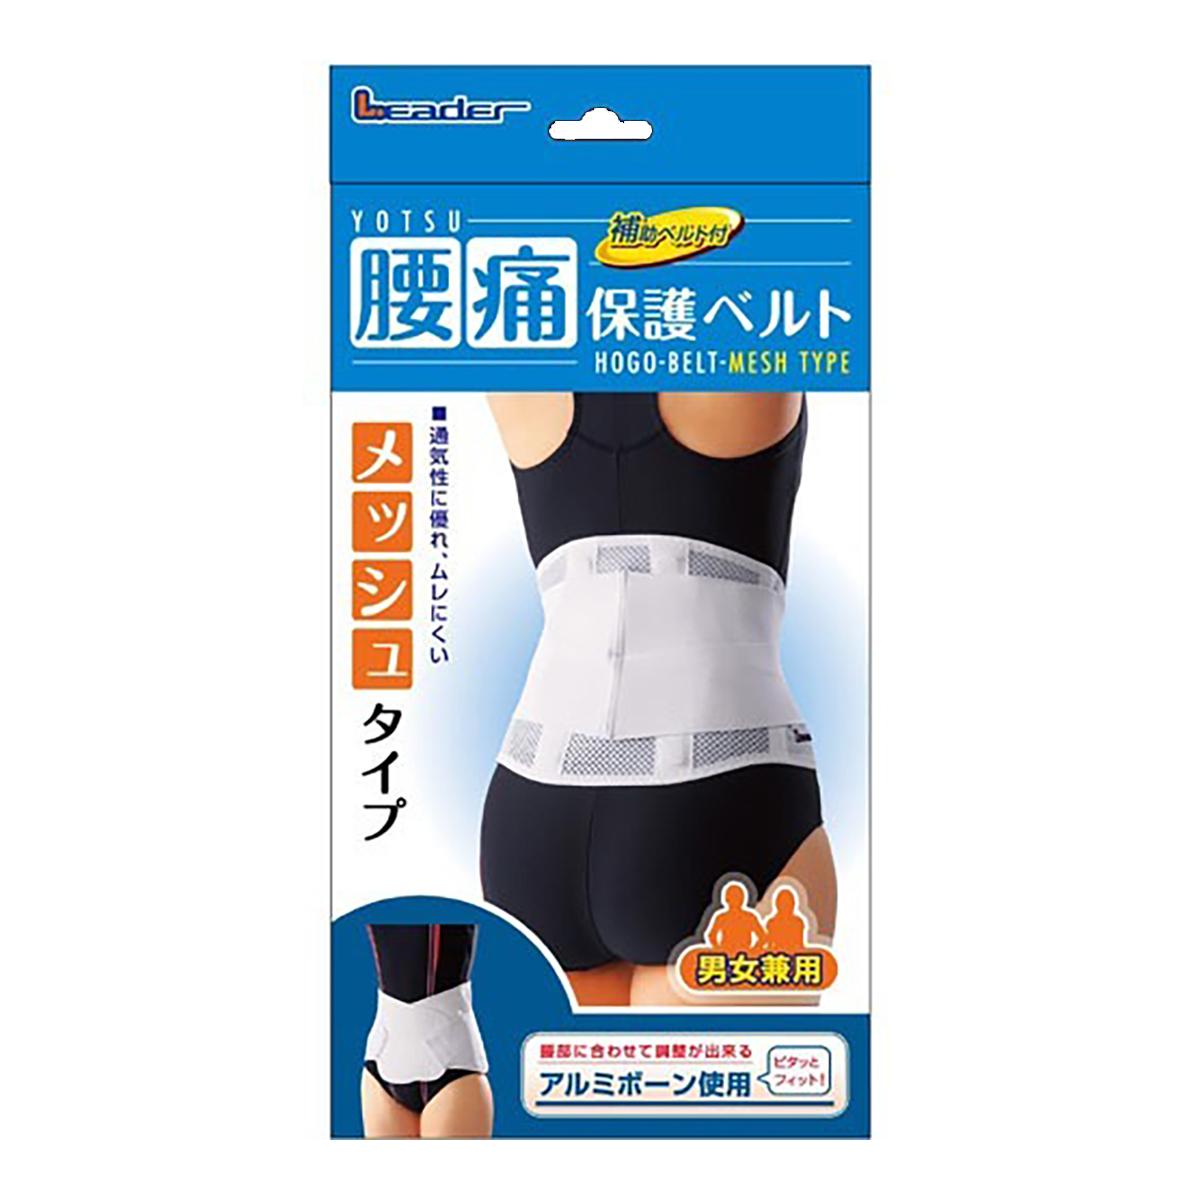 【送料無料・まとめ買い×10】日進医療器 腰痛保護ベルト メッシュタイプ L